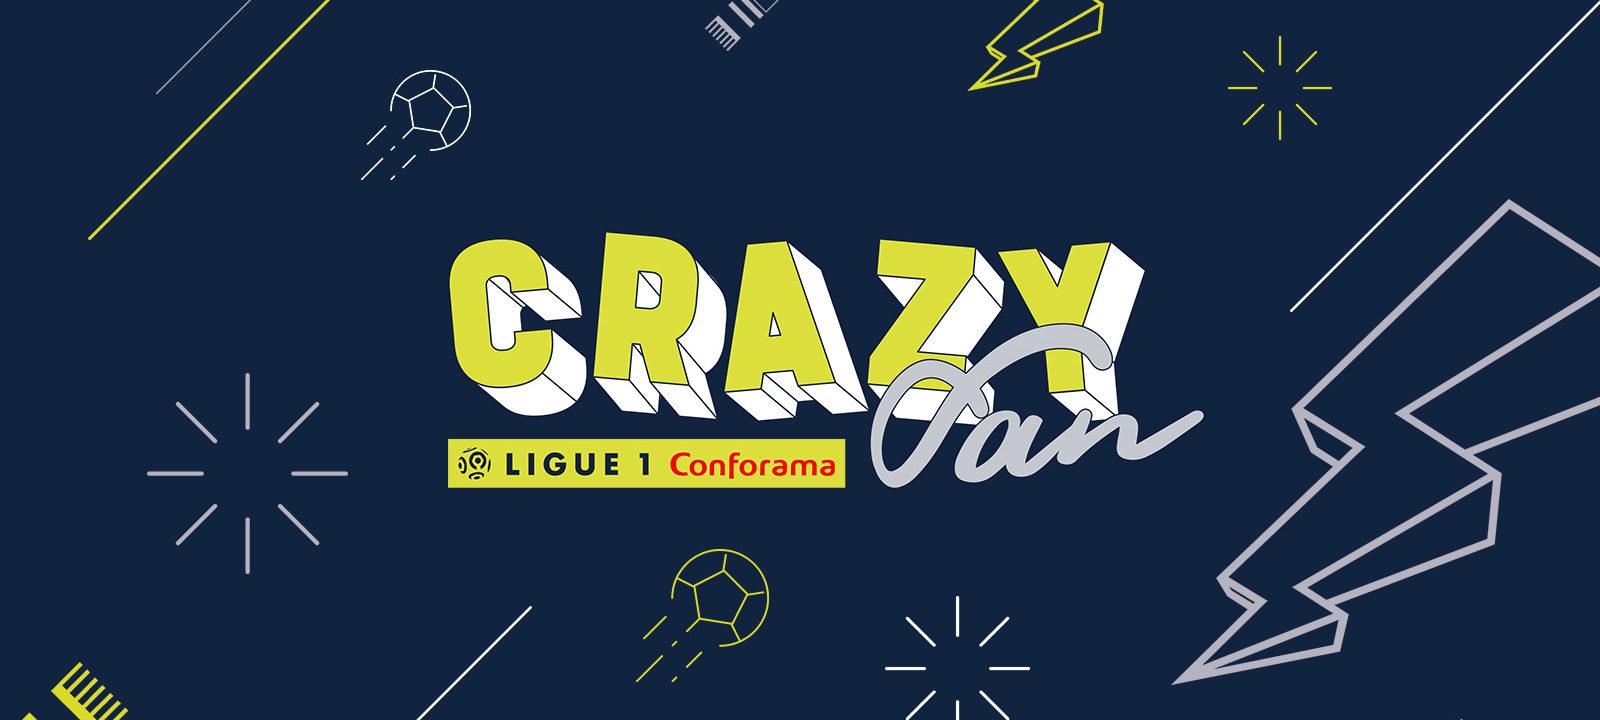 Projet_ouverture_MAIN_crazy_fan_Ligue_1_Conforama_LFP_Ligue_de_football_professionnel_professional_league